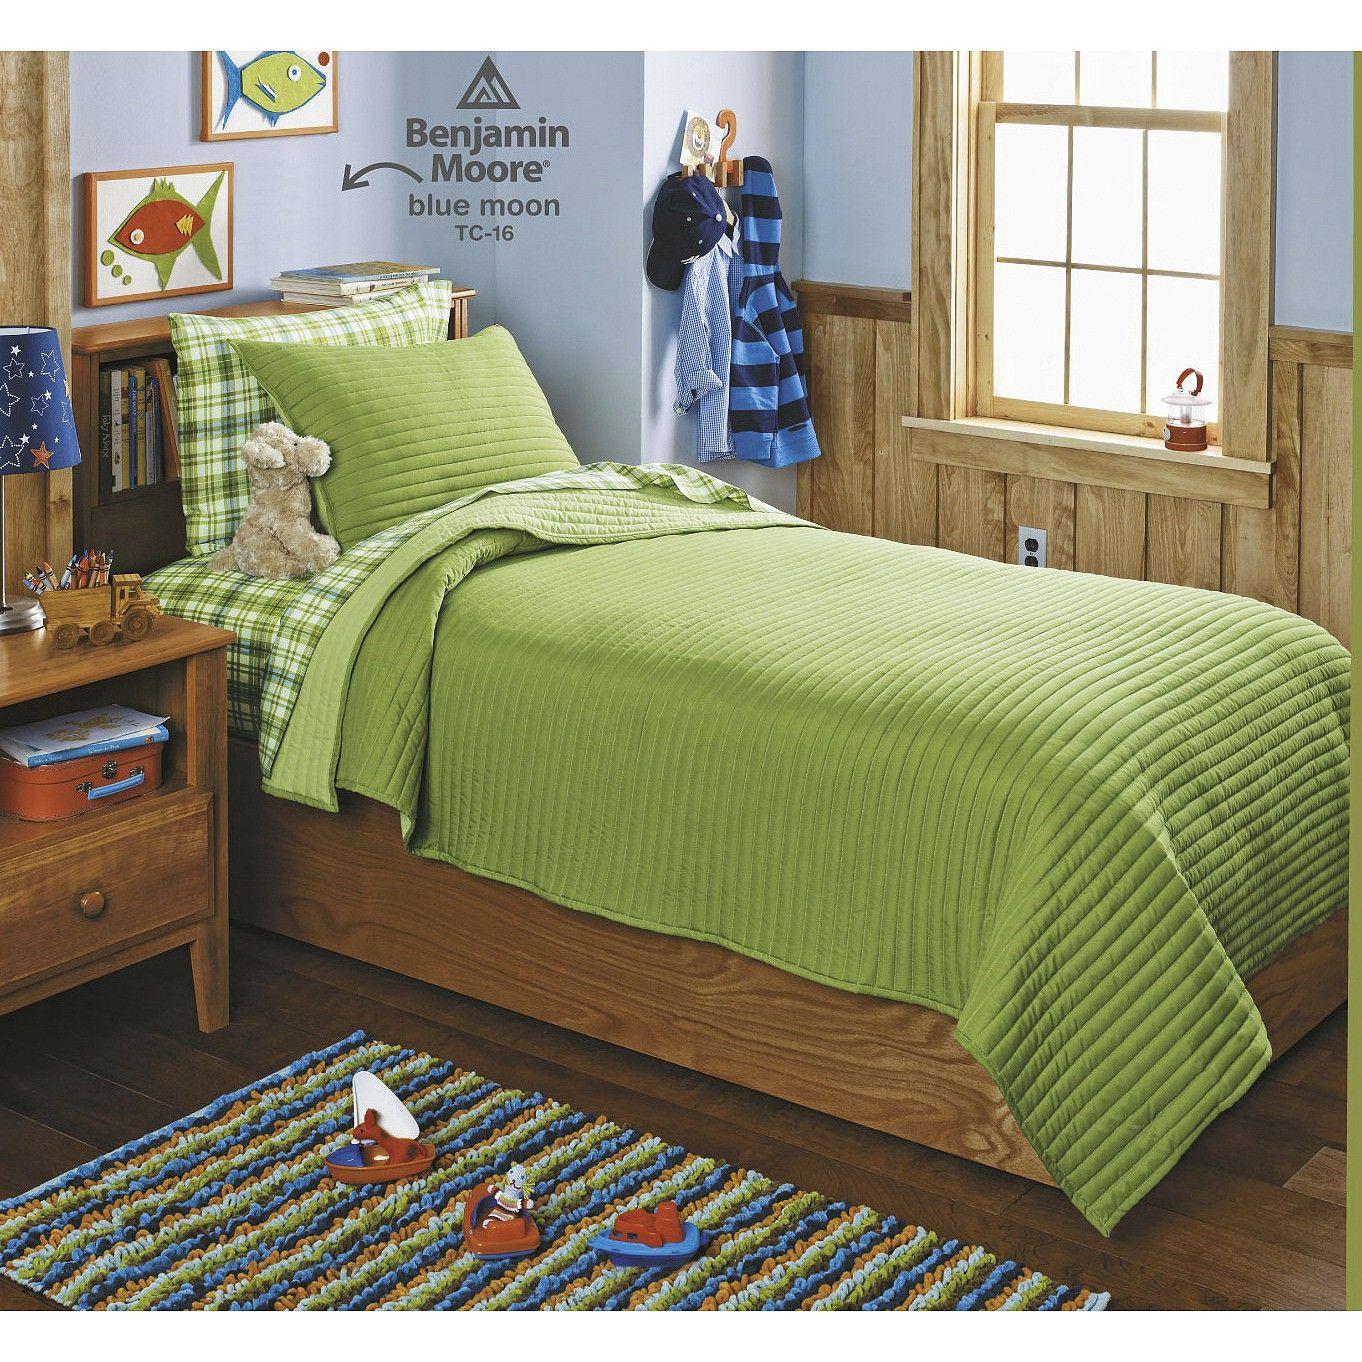 Circo® Basic Quilt Set - Green : Target